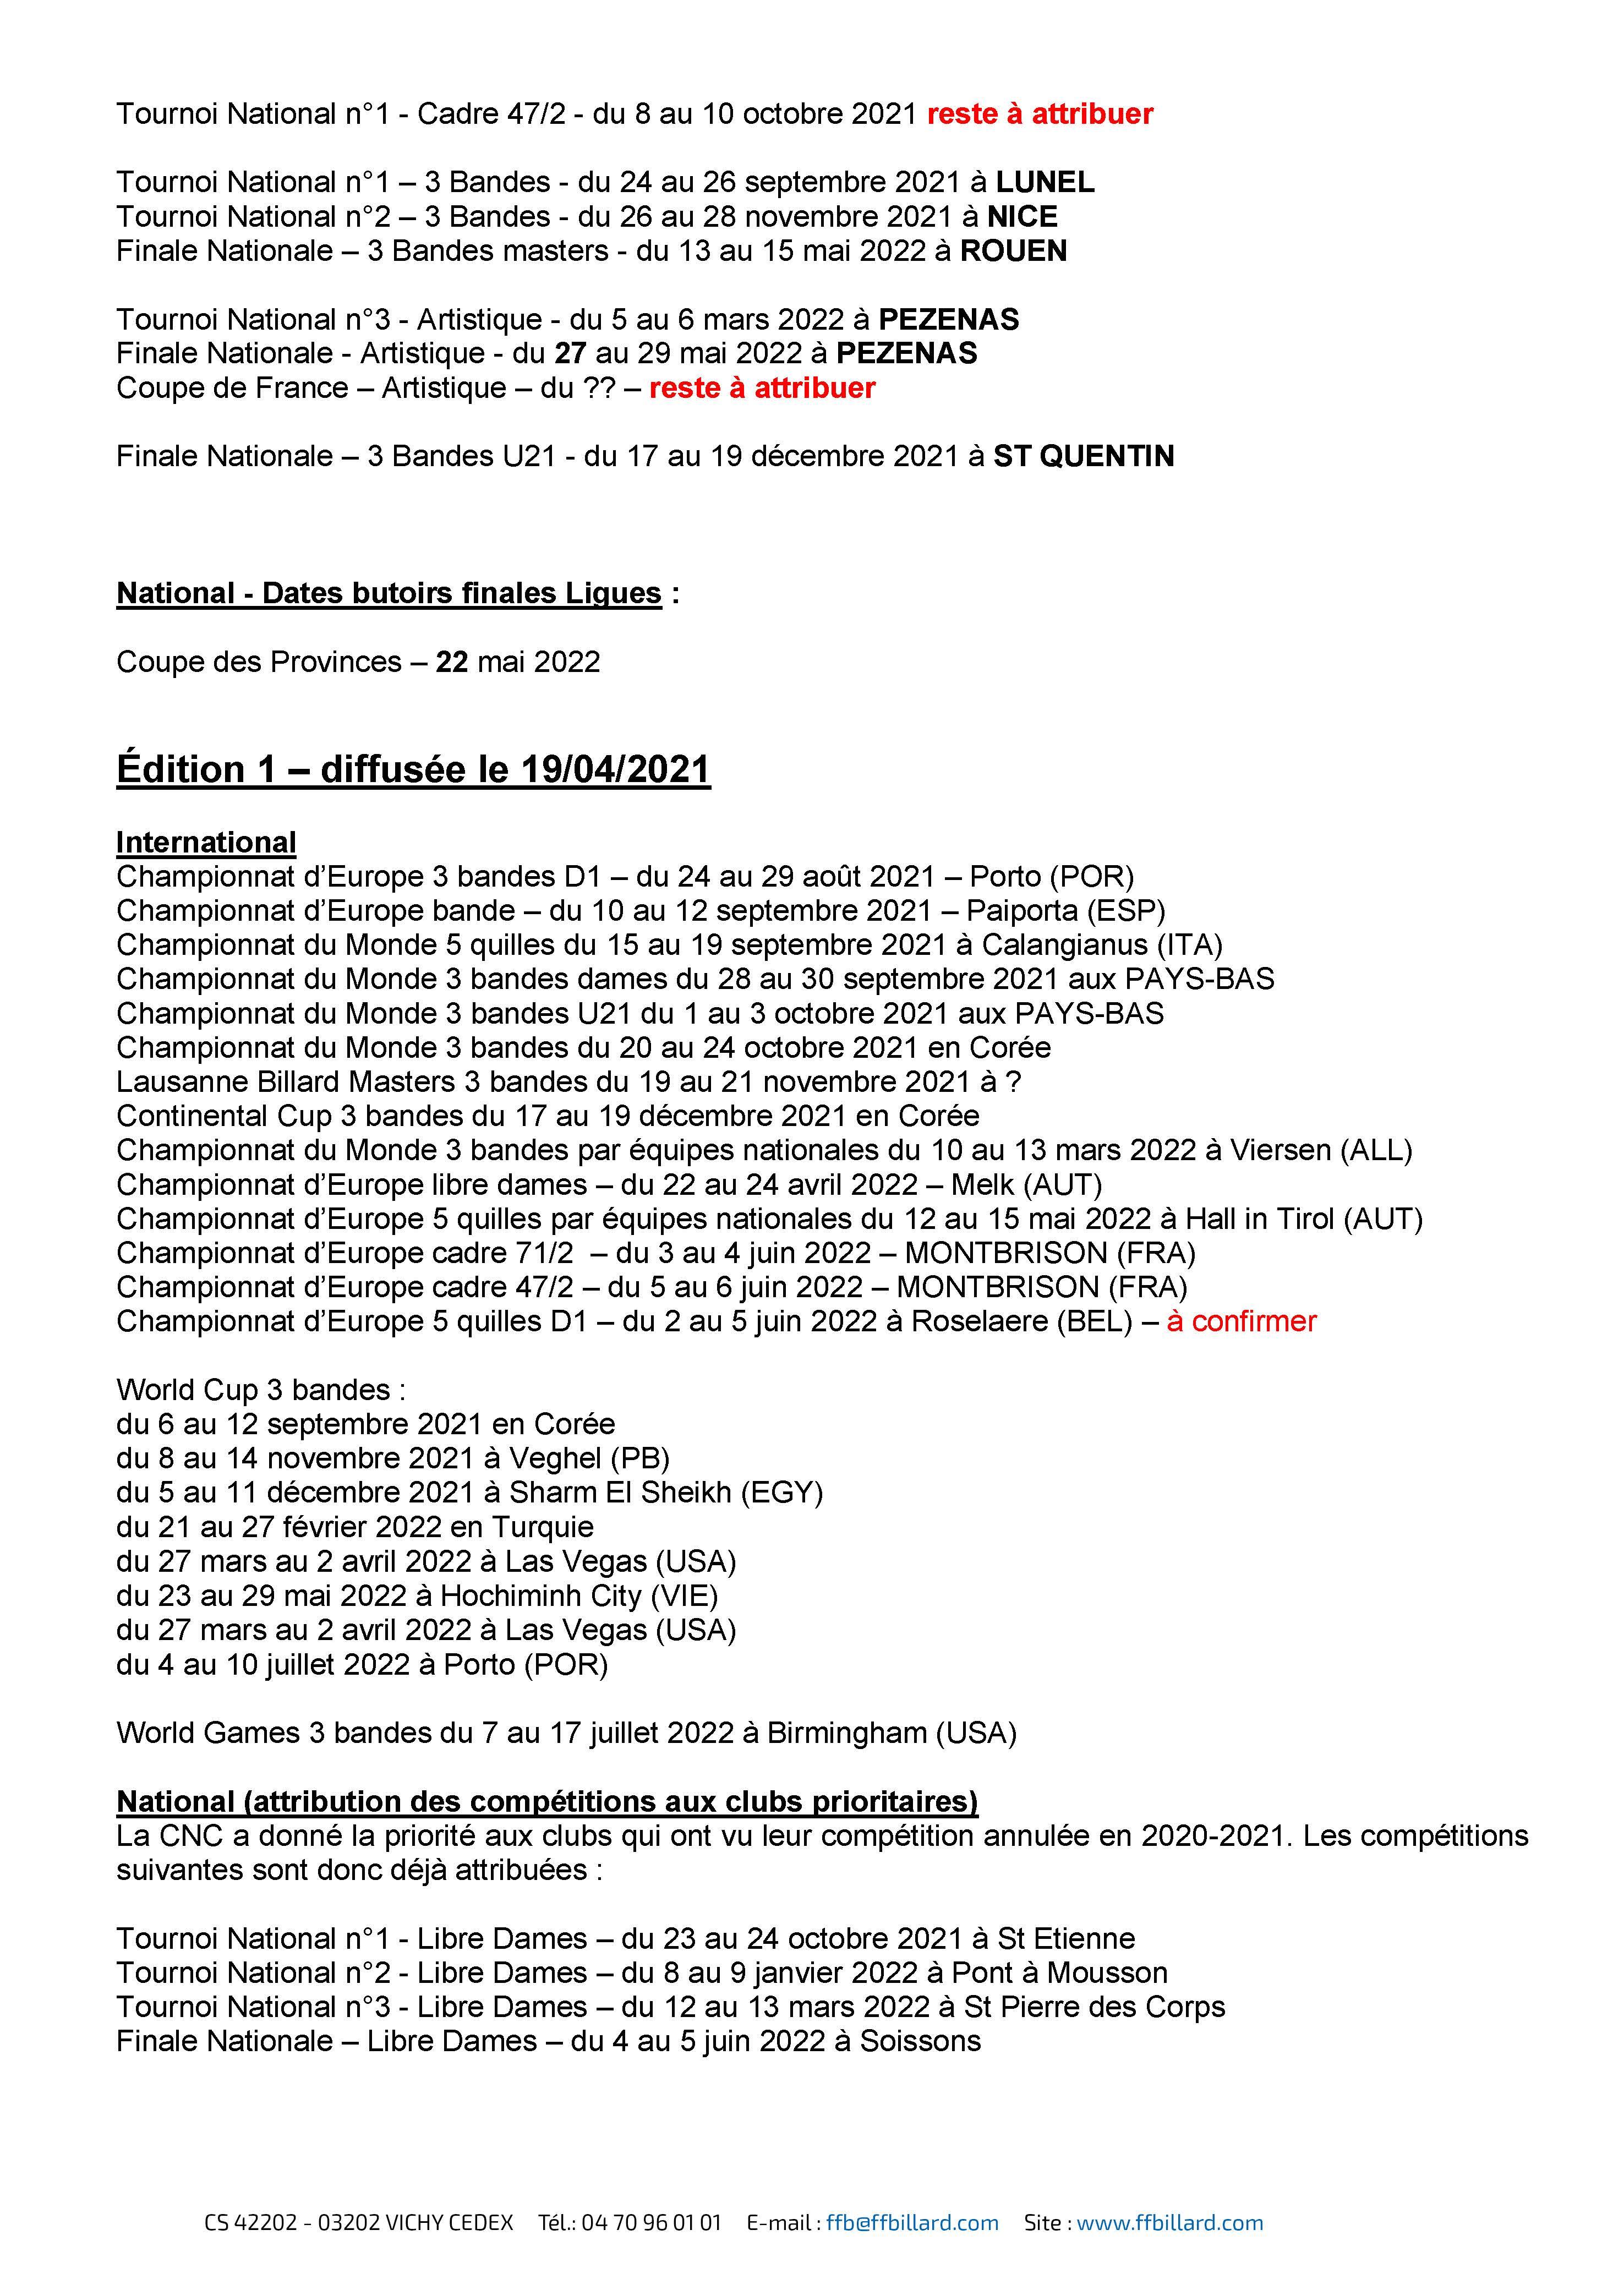 FFB Calendrier CNC 2021 2022 du 30 06 2021 ed3 details Page 2